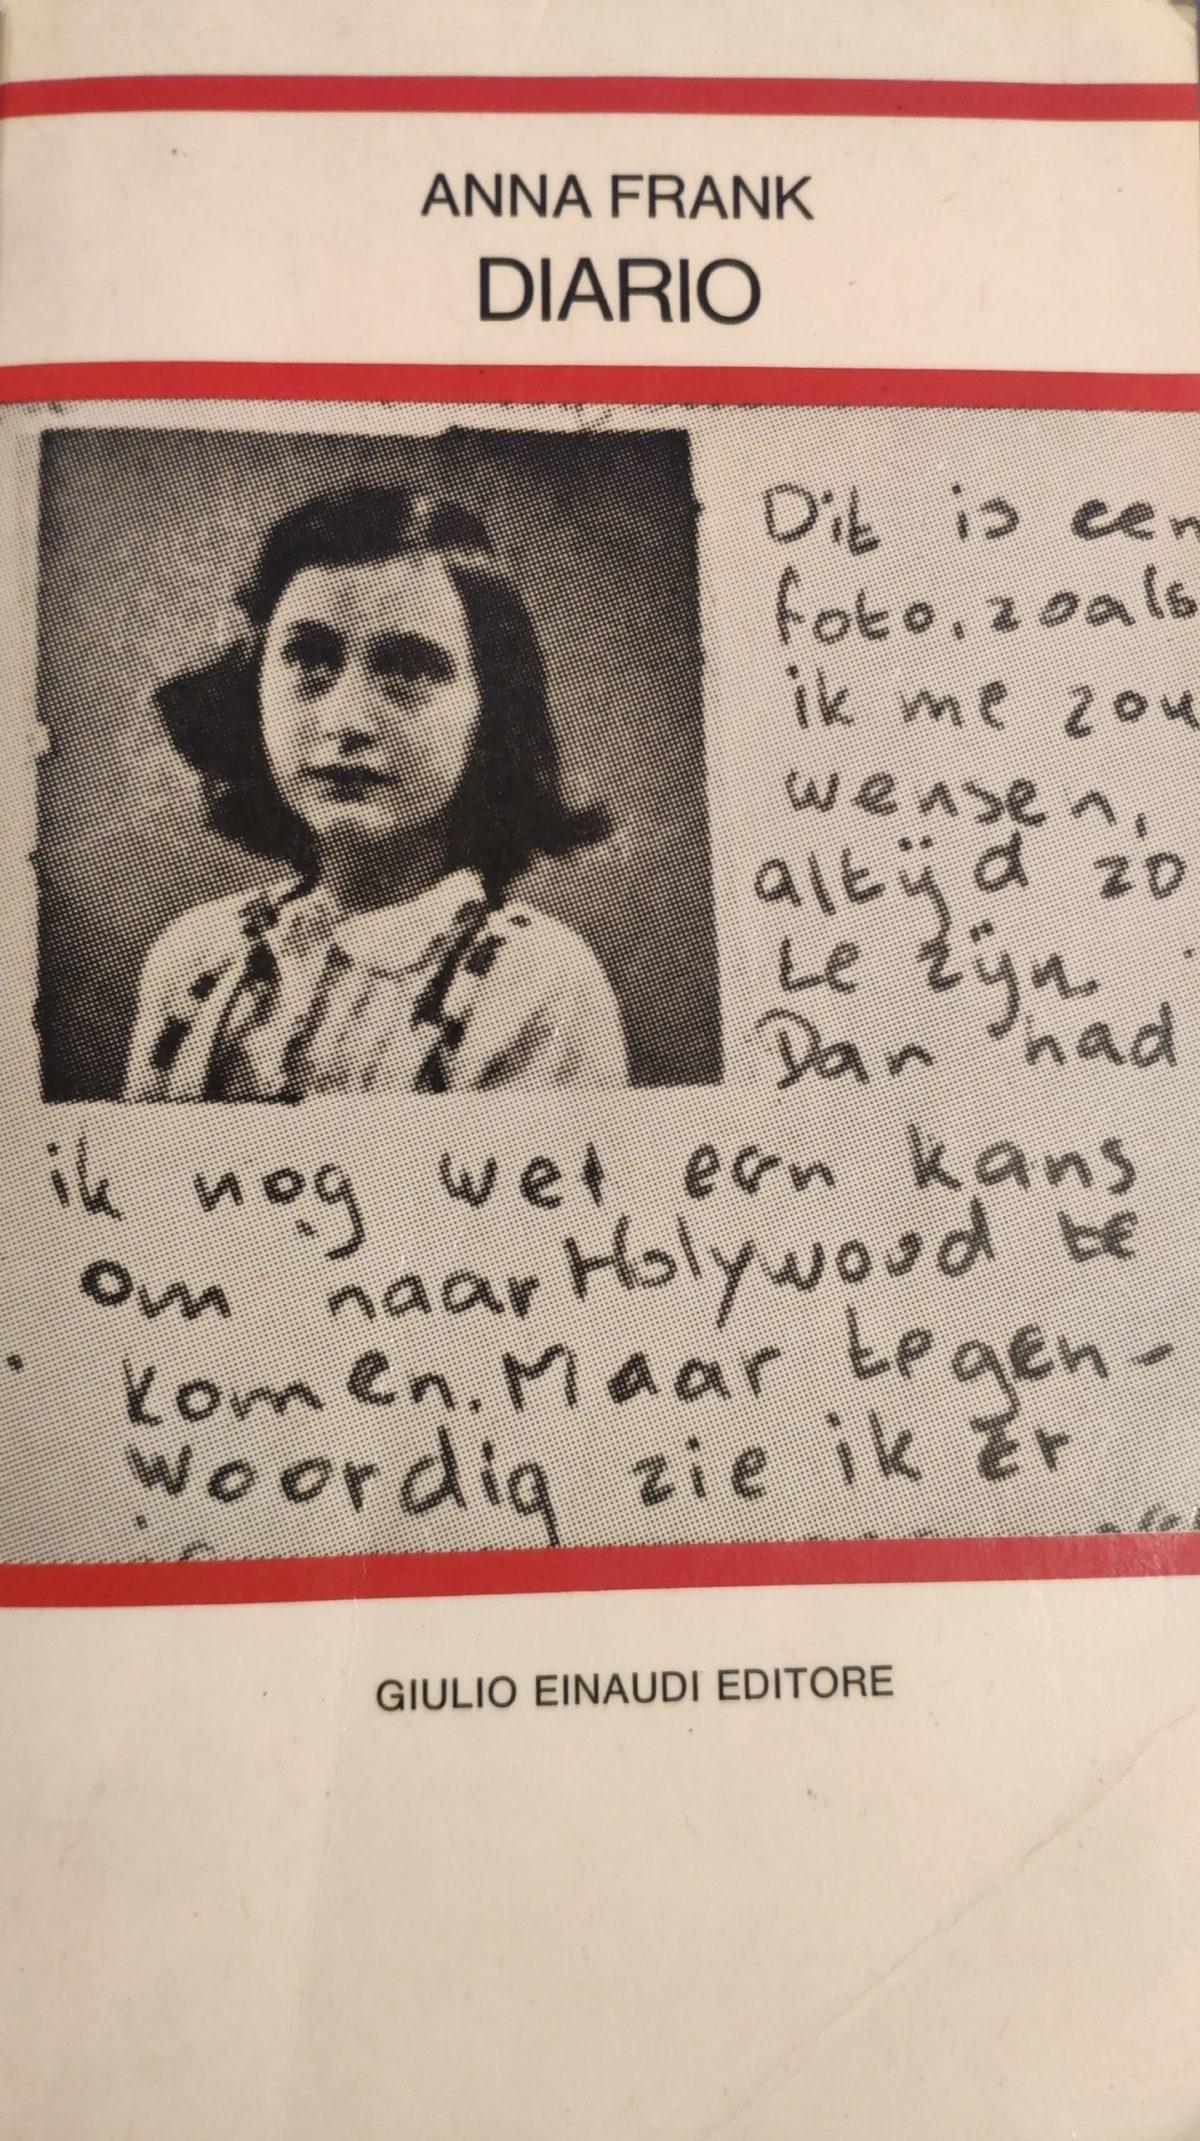 Mio caro fumetto… – Copertina de Il diario di Anna Frank (Einaudi, 1986)